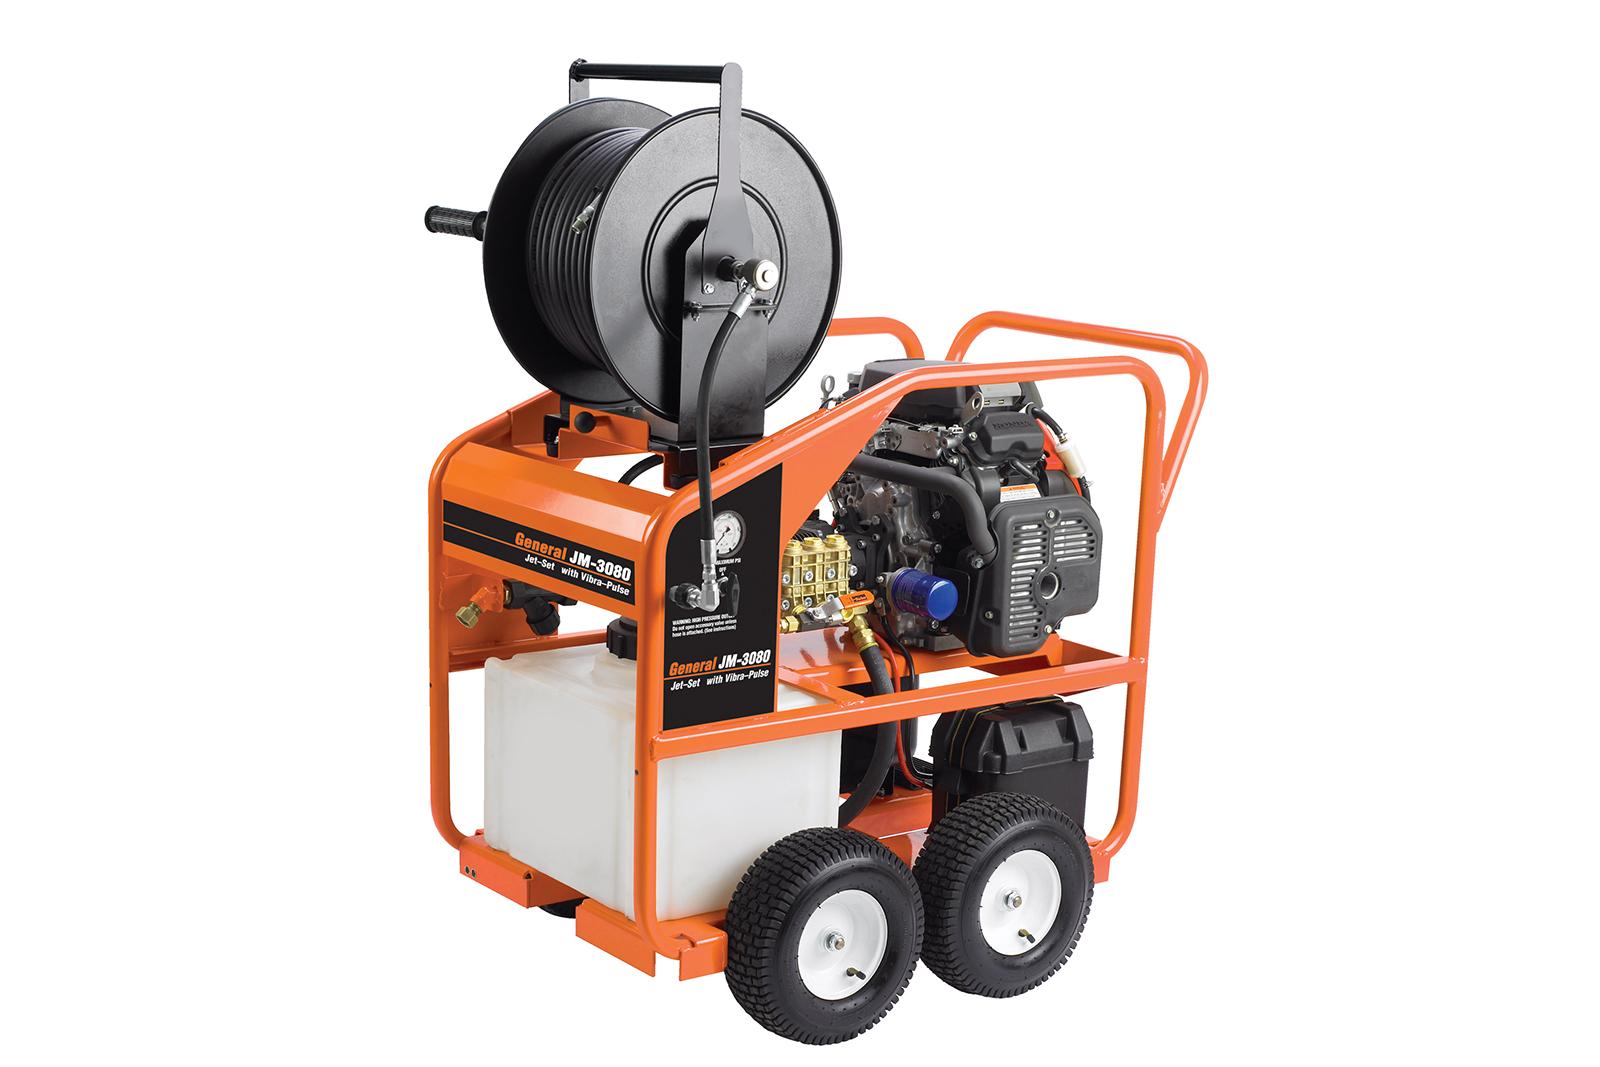 Прочистная машина General pipe Jm-3080-a прочистная машина посейдон вна б 210 10а